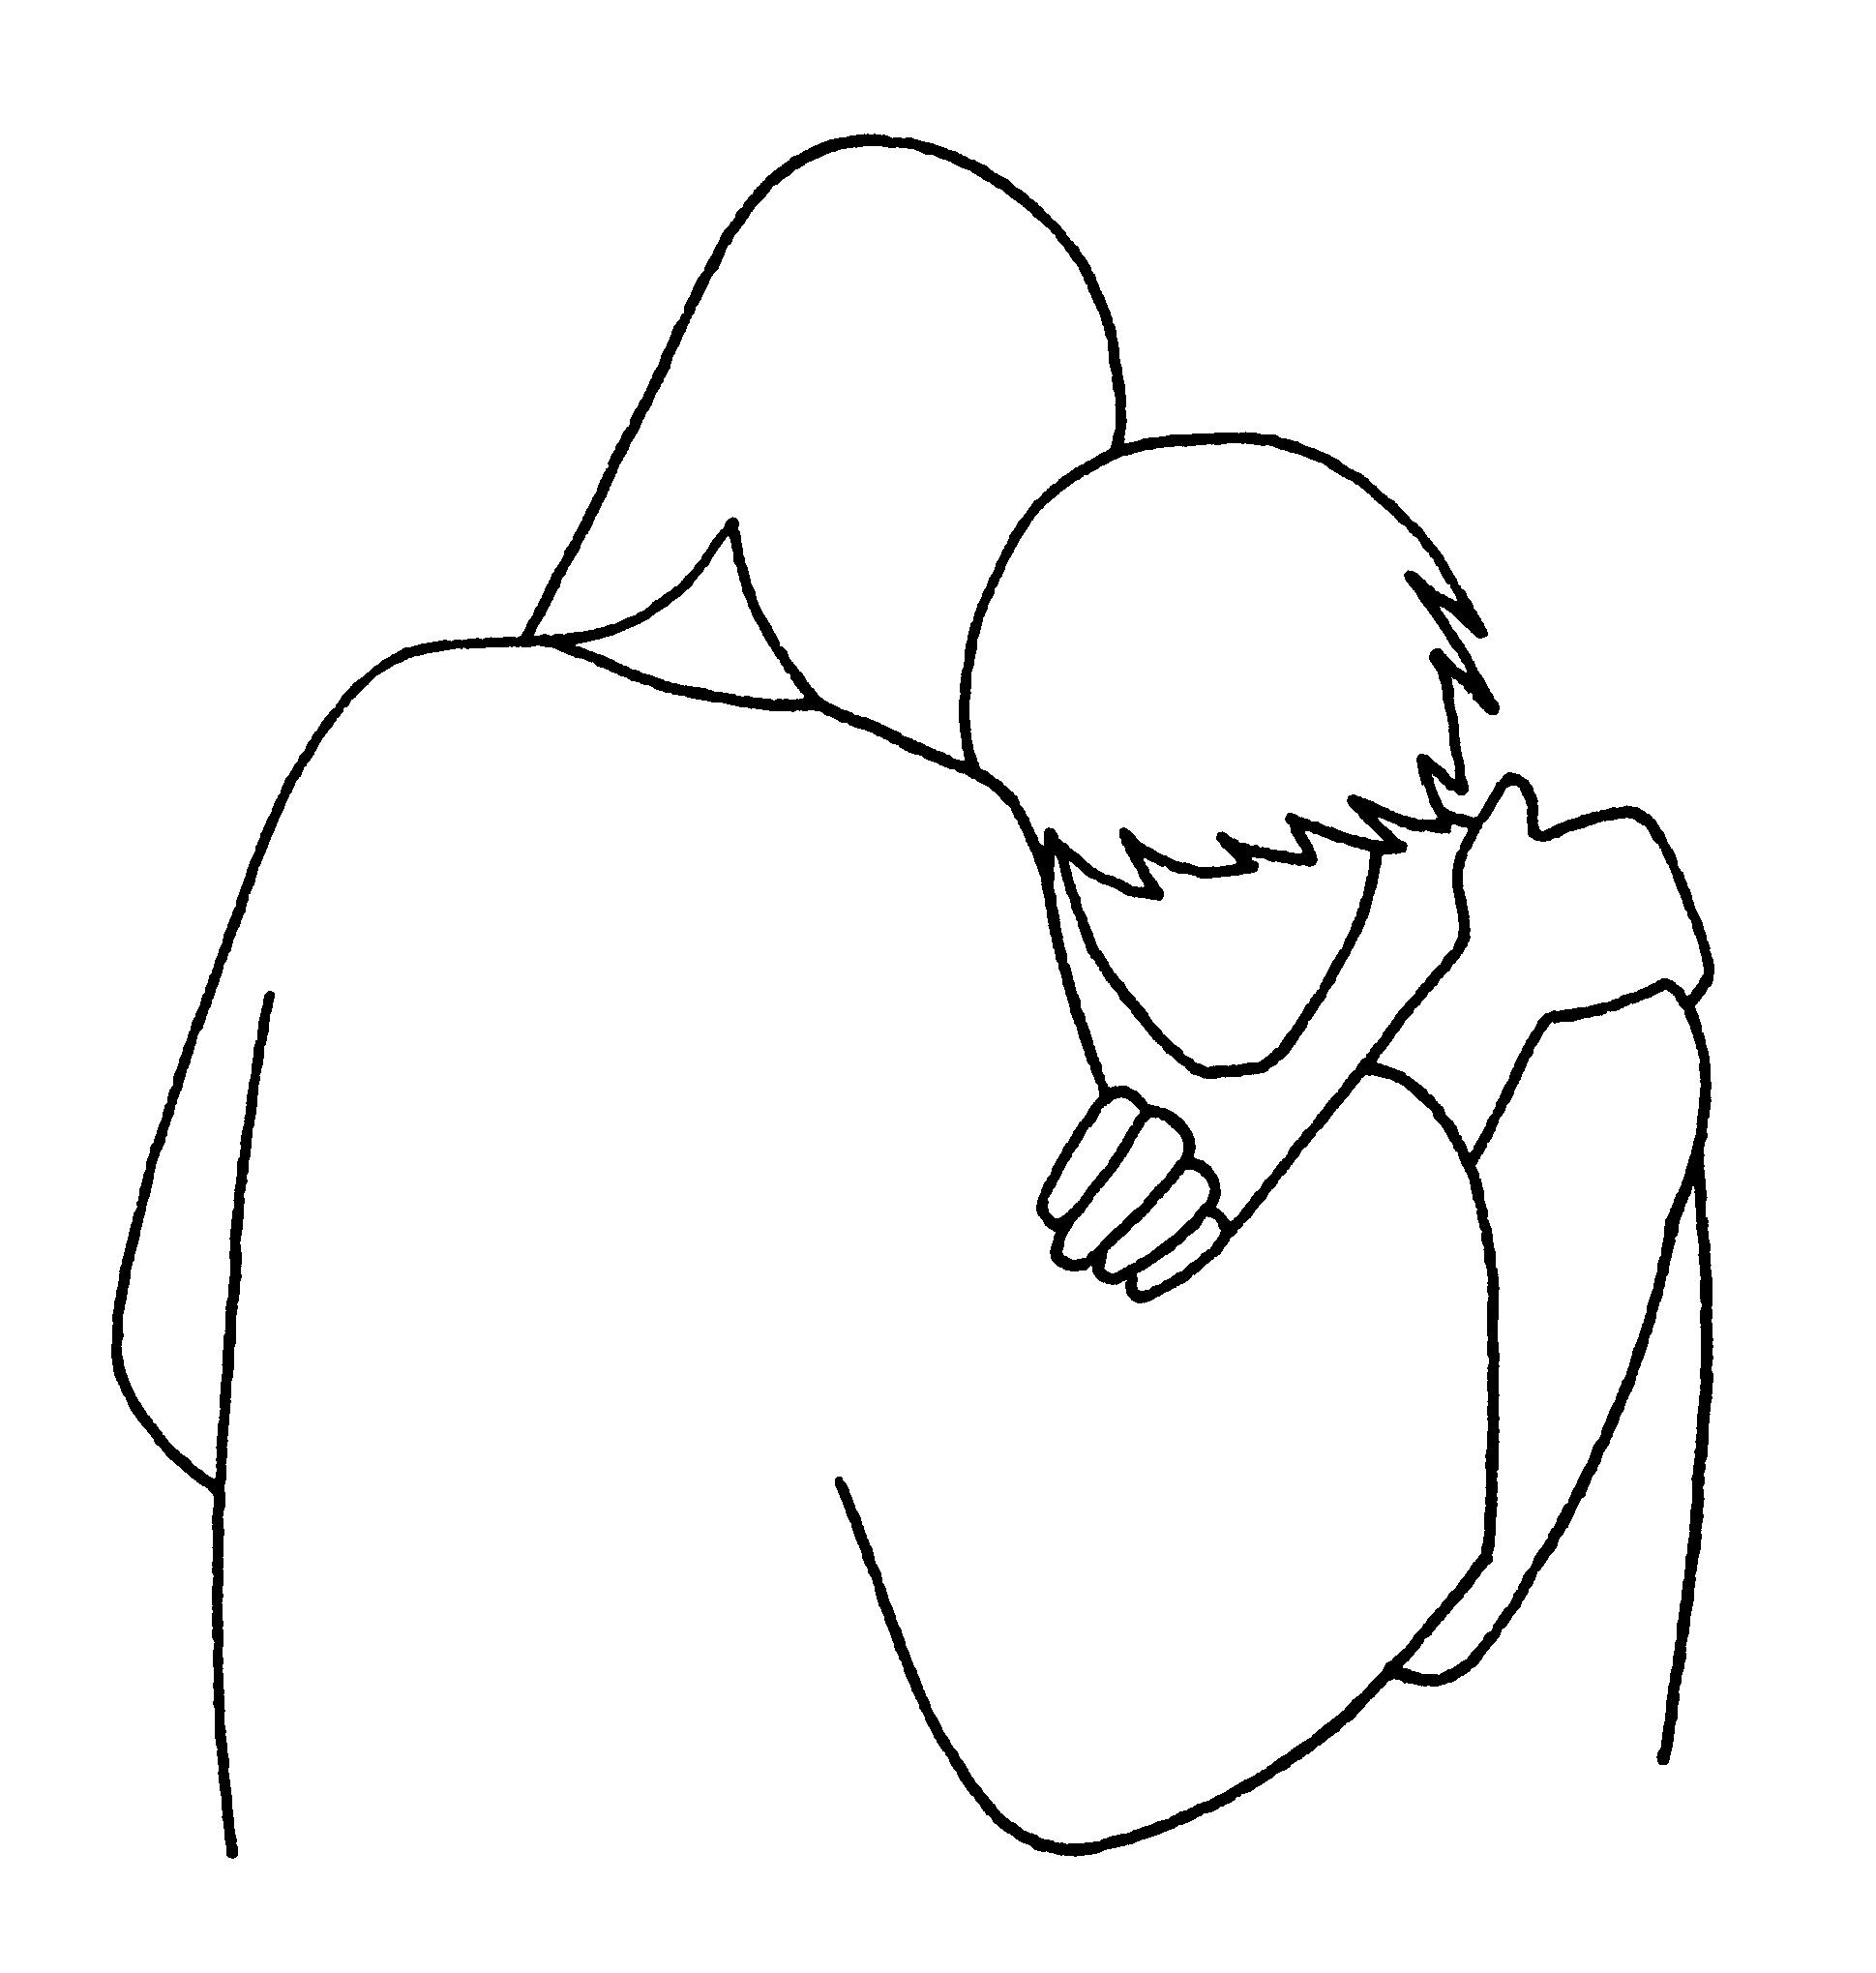 """Résultat de recherche d'images pour """"pardonner dessin"""""""